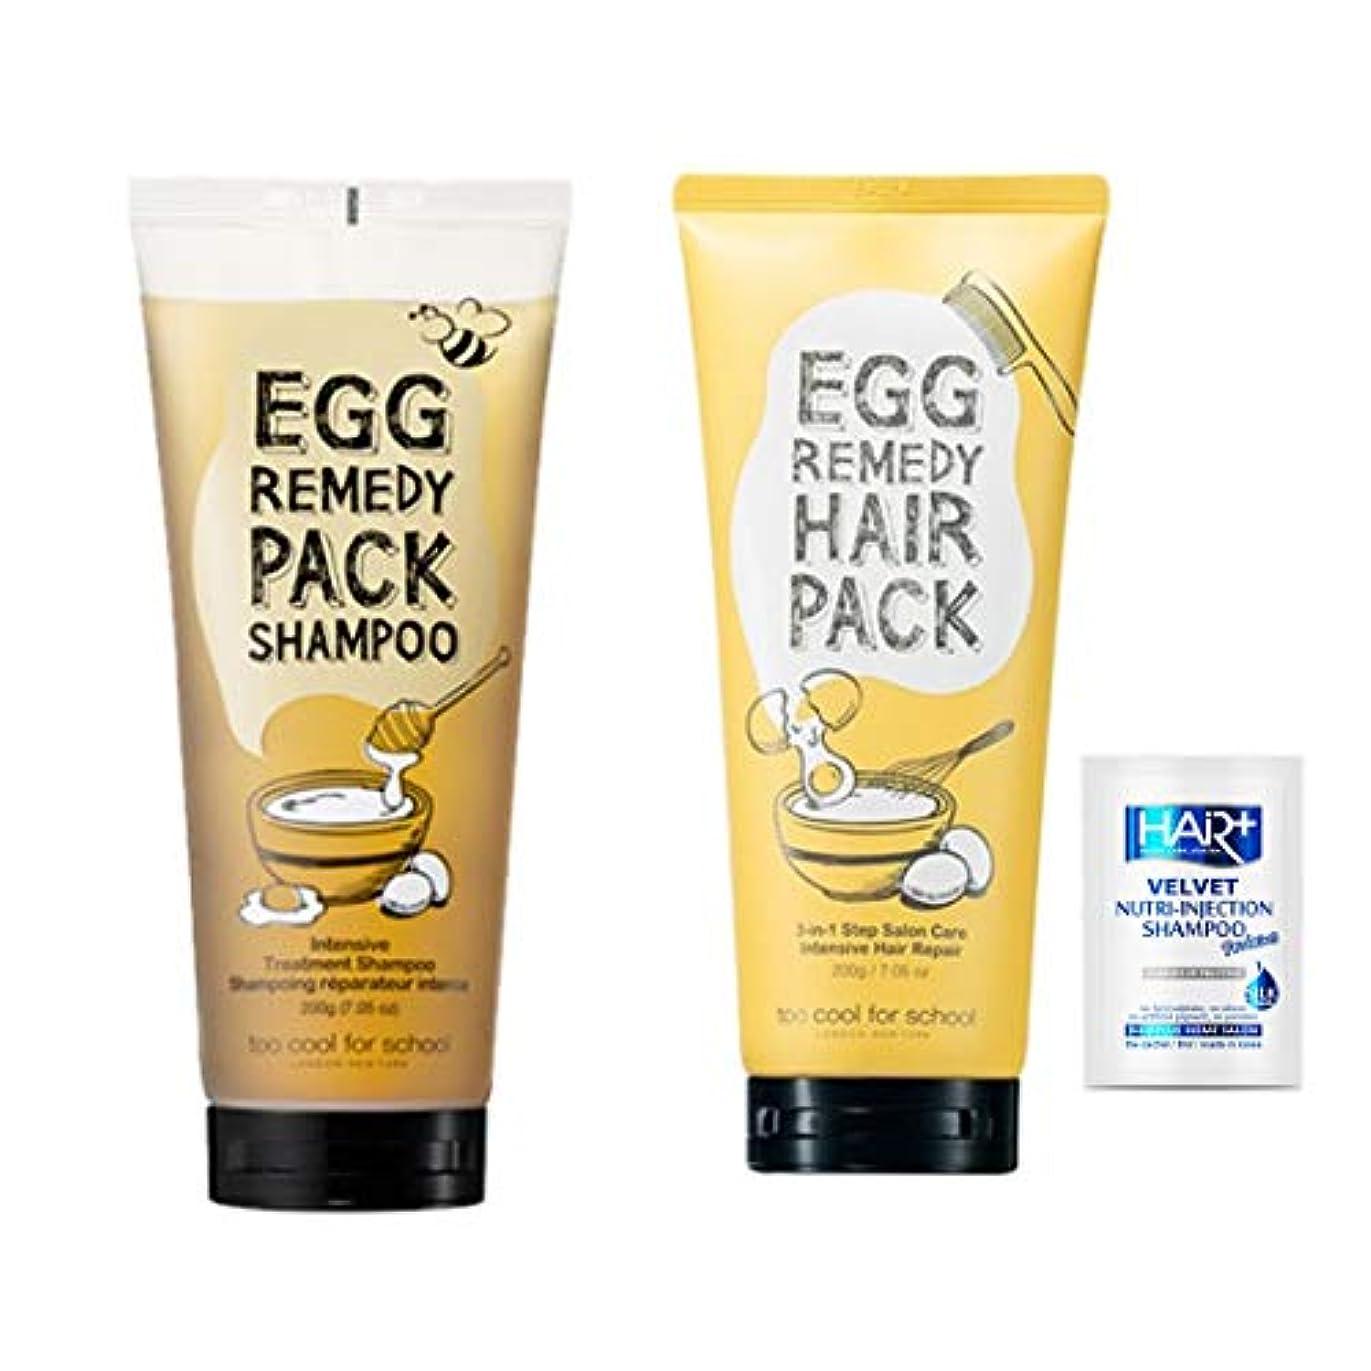 プット恥ずかしさなめるトゥークールフォ―スクール(too cool for school)/エッグレミディパックシャンプーtoo cool for school Egg Remedy Pack Shampoo 200ml + エッグレミディヘアパック/too cool for school Egg Remedy Hair Pack 200ML [並行輸入品]+non silicon shampoo 8ml